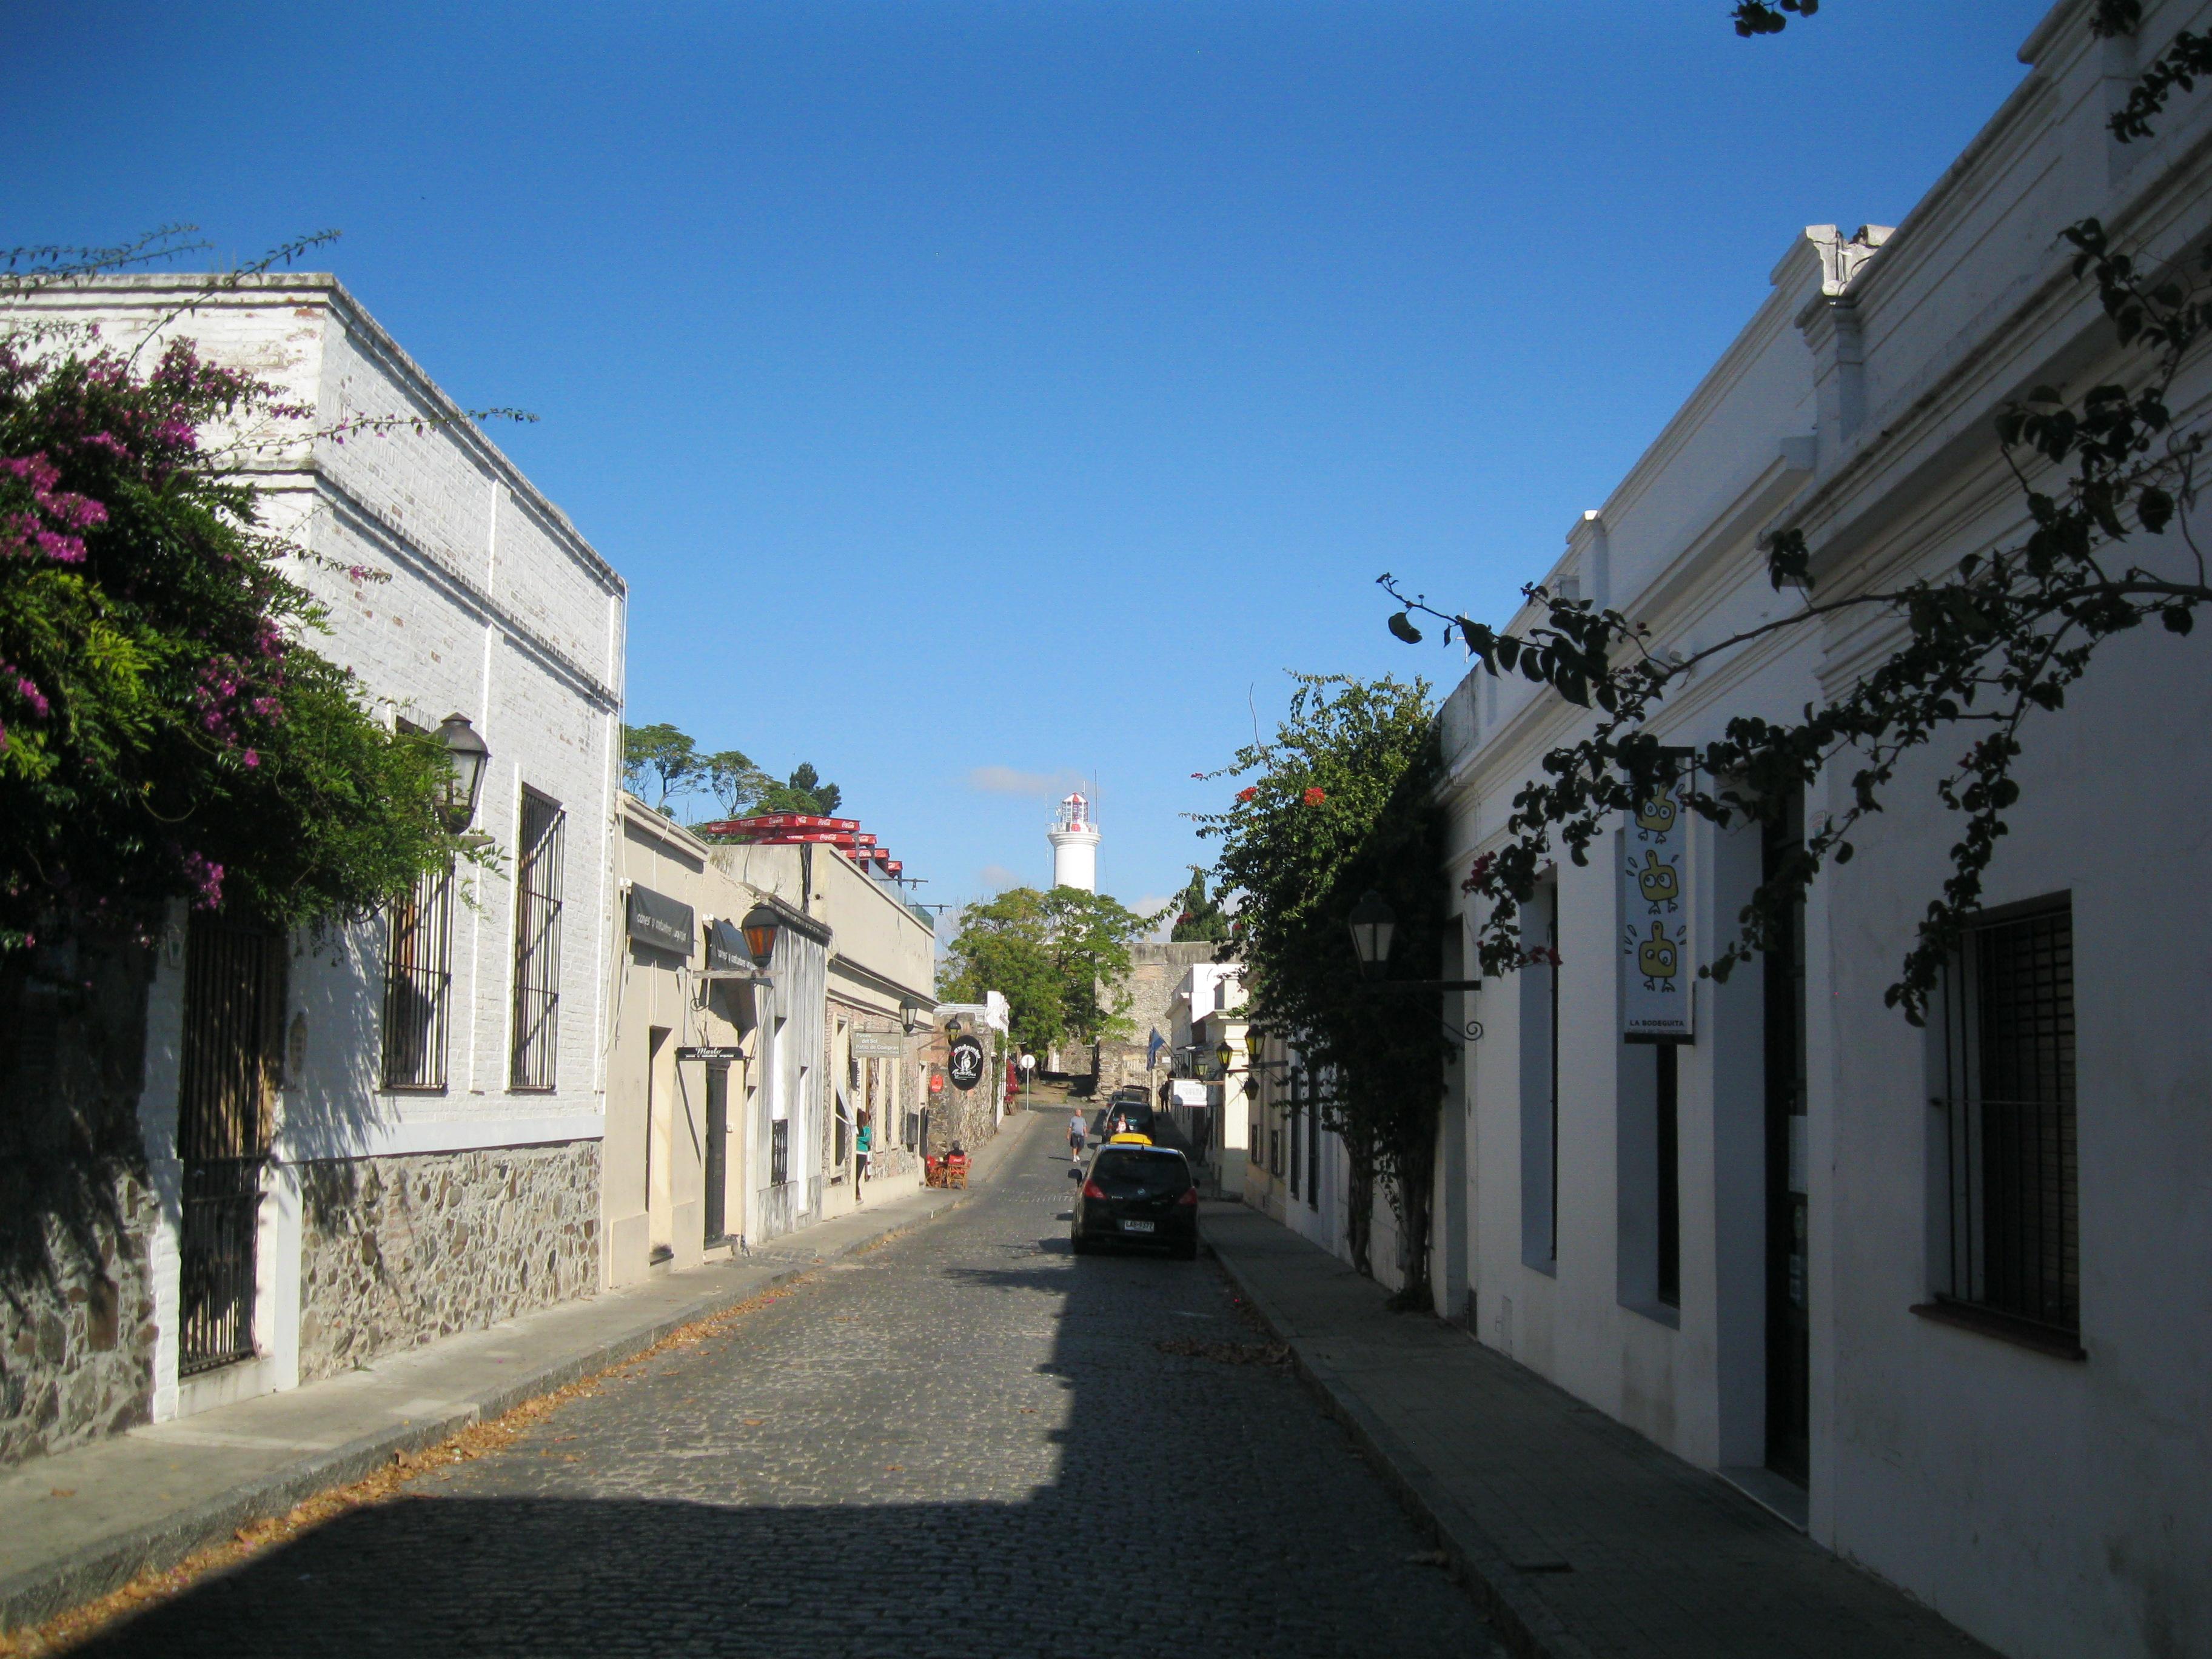 A hop, skip, and jump to Colonia del Sacramento (Uruguay